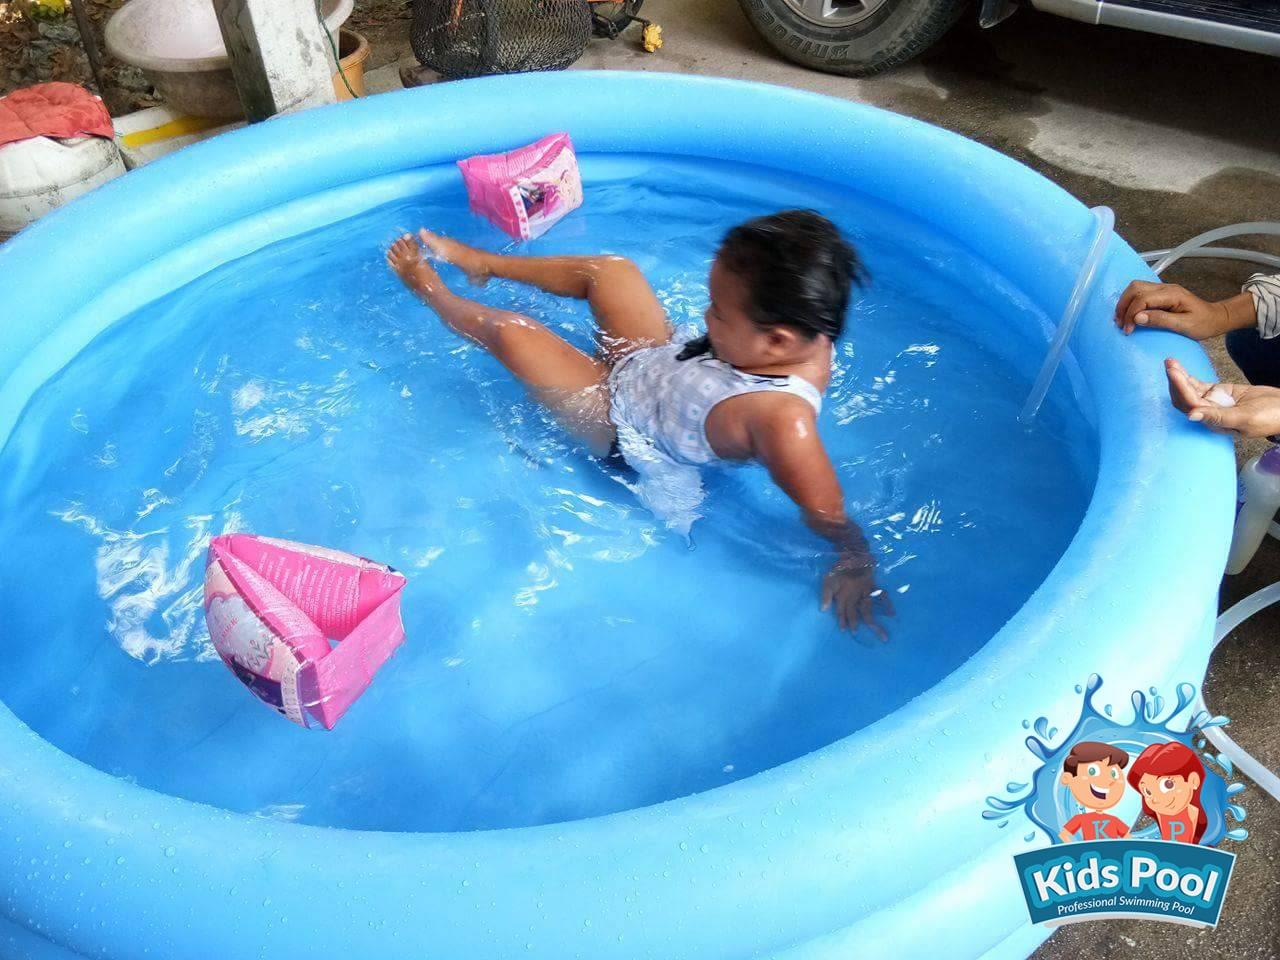 สระน้ำเด็ก Intex 012